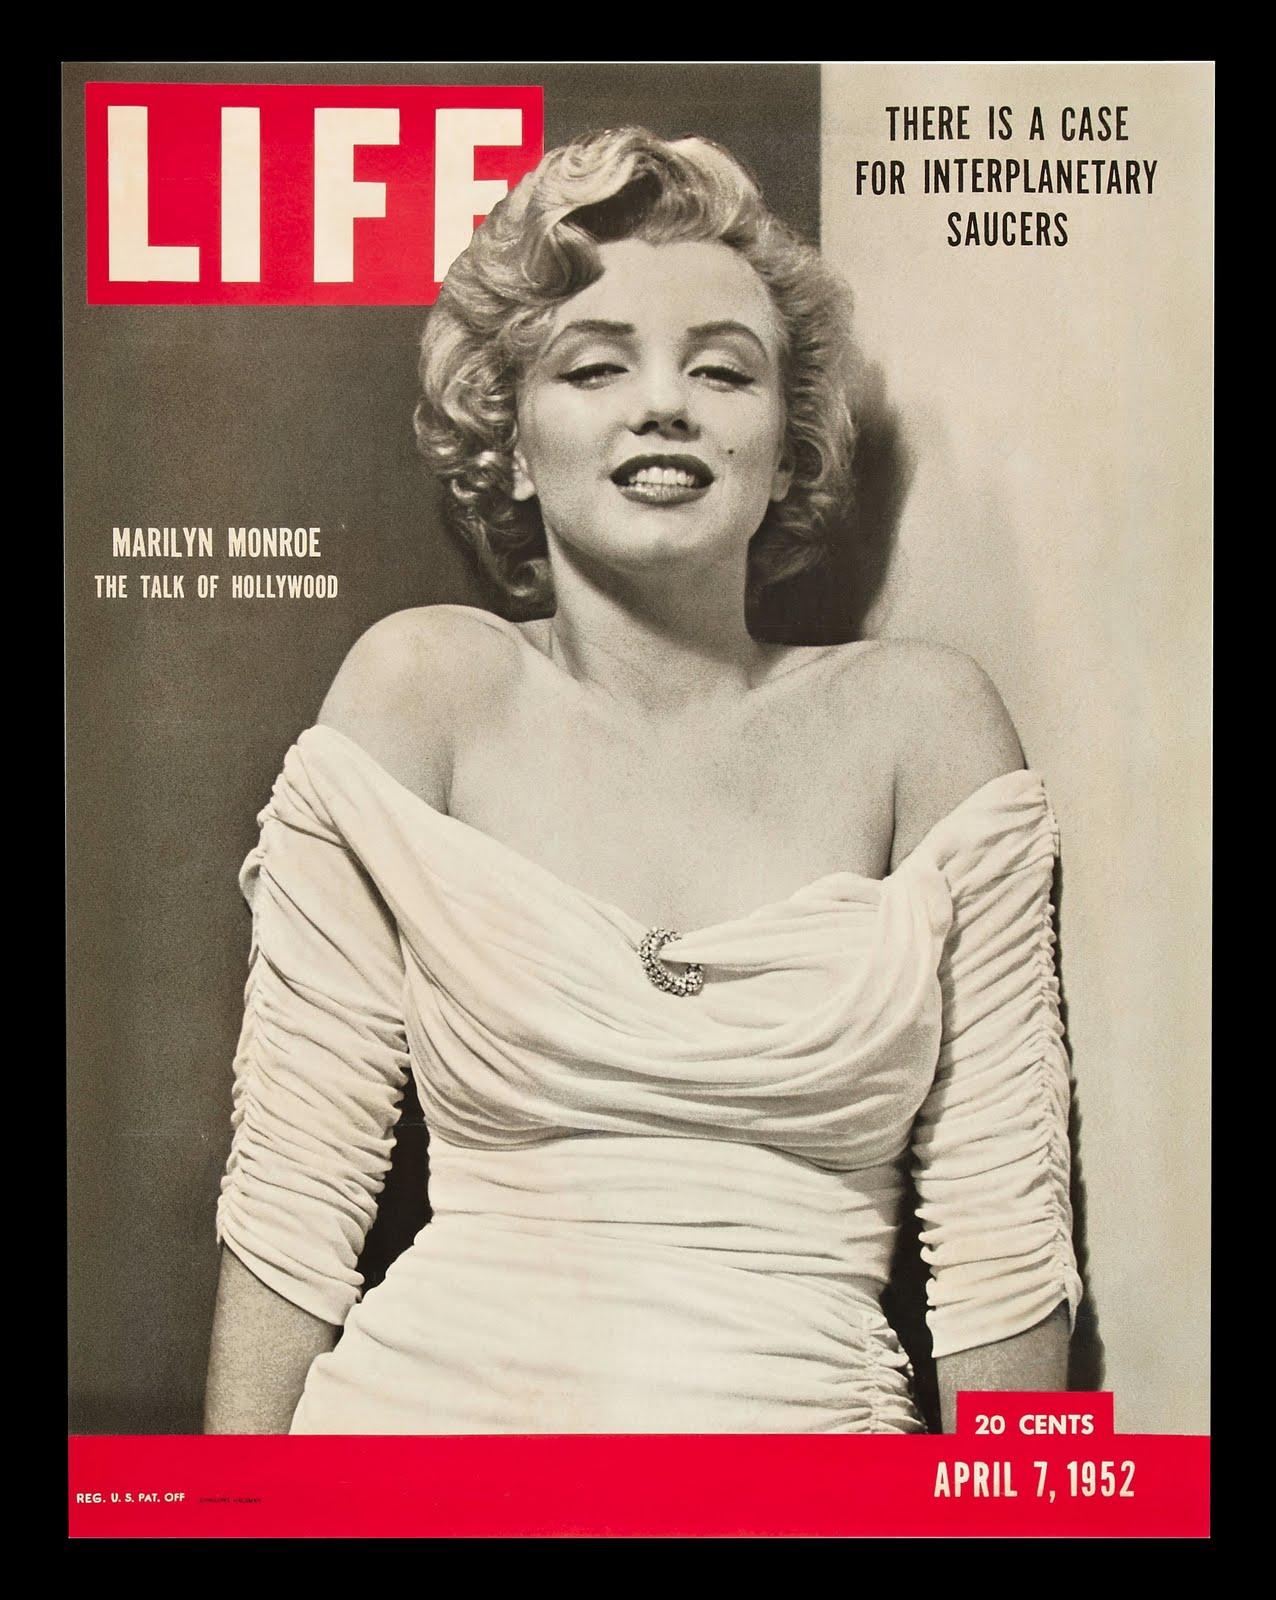 http://2.bp.blogspot.com/-cgEyhGDTDB8/TcAYo_9VYhI/AAAAAAAAAL4/ENk_BNjQYww/s1600/Marilyn-Monroe-Life-1952.jpg